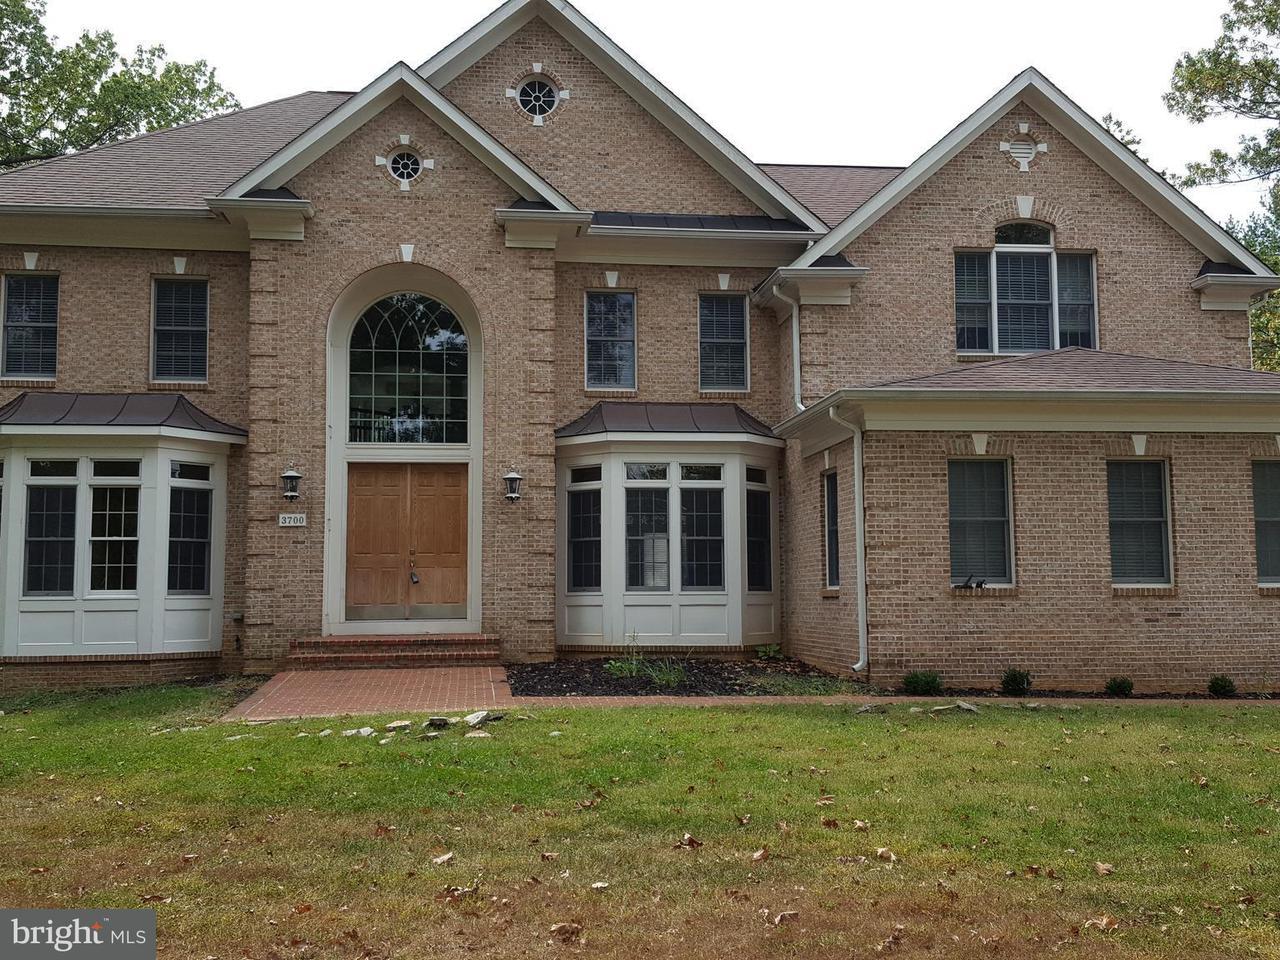 Μονοκατοικία για την Πώληση στο 3700 ANNANDALE Road 3700 ANNANDALE Road Annandale, Βιρτζινια 22003 Ηνωμενεσ Πολιτειεσ